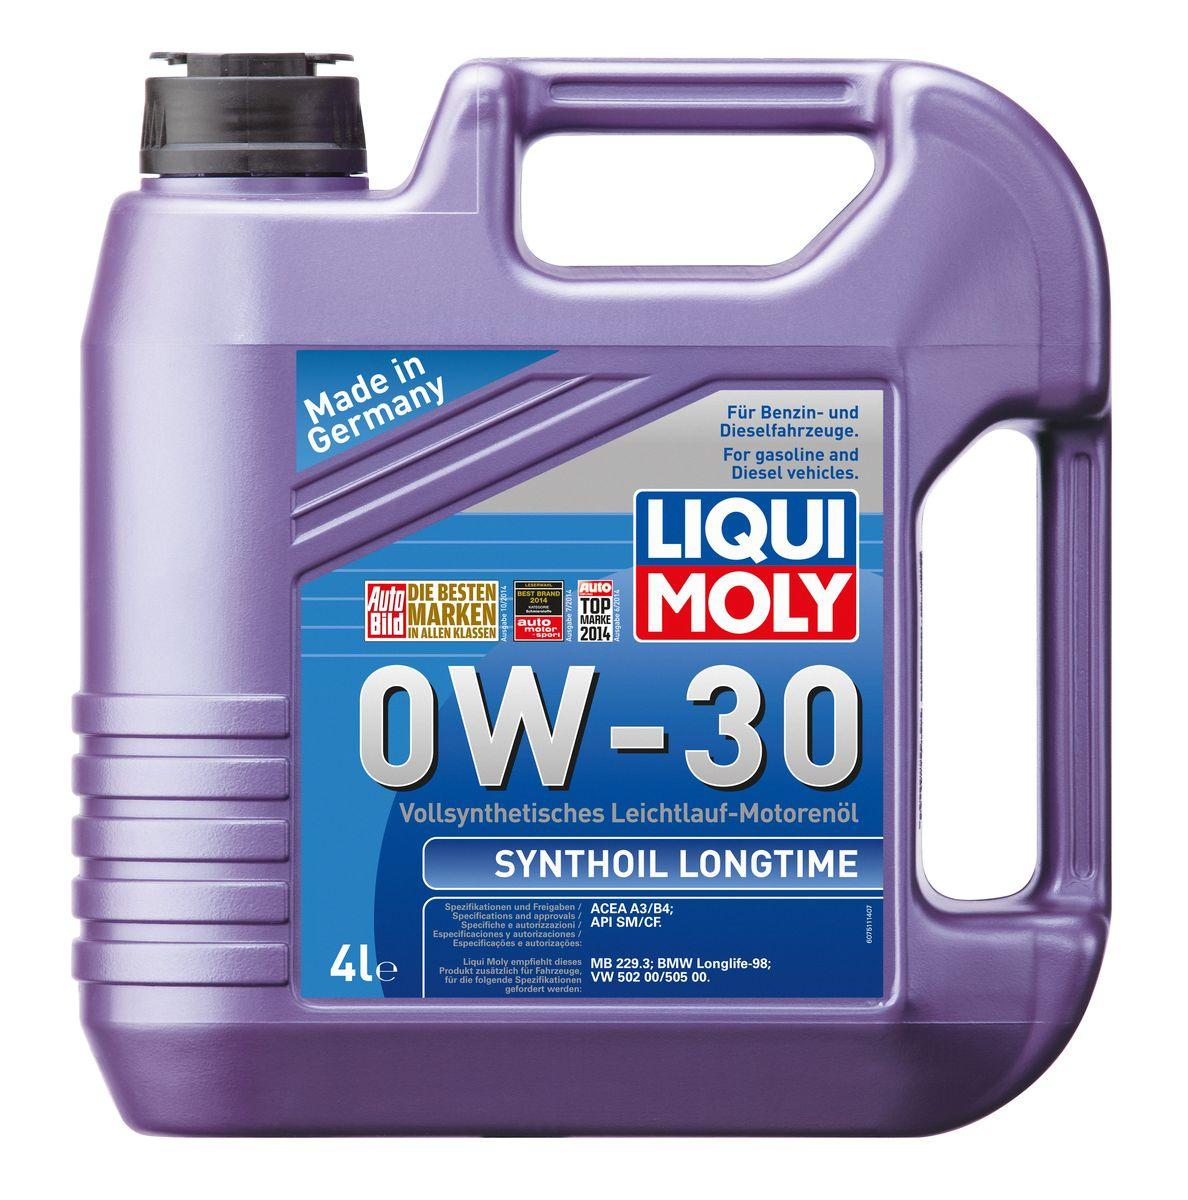 Масло моторное Liqui Moly Synthoil Longtime, синтетическое, 0W-30, 4 лS03301004Масло моторное Liqui Moly Synthoil Longtime - 100% синтетическое универсальное моторное масло на базе полиальфаолефинов (ПАО) для большинства автомобилей, для которых требования к маслам опираются на международные классификации API и ACEA. Класс вязкости 0W-30 моторного масла на ПАО-базе оптимален для эксплуатации в холодных условиях, обеспечивая уверенный пуск двигателя даже в сильный мороз и высокий уровень энергосбережения (и экономии топлива). Особенности: - Отличные пусковые свойства в мороз- Быстрое поступление масла ко всем деталям двигателя при низких температурах- Высокие показатели по экономии топлива- Высокая смазывающая способность- Замечательная термоокислительная стабильность и устойчивость к старению- Оптимальная чистота двигателя- Протестировано и совместимо с катализаторами и турбонаддувом- Высокая стабильность при высоких температурах- Очень низкий расход масла Допуск: -API: CF/SM-ACEA: A3/B4Соответствие: -BMW: Longlife-98-MB: 229.3-VW: 502 00/505 00